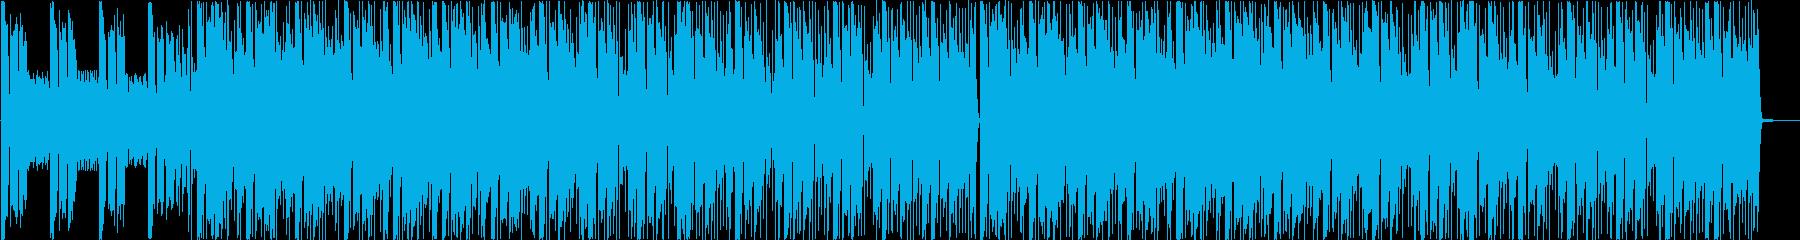 シンセ、ピアノをフィーチャーしたEDMの再生済みの波形